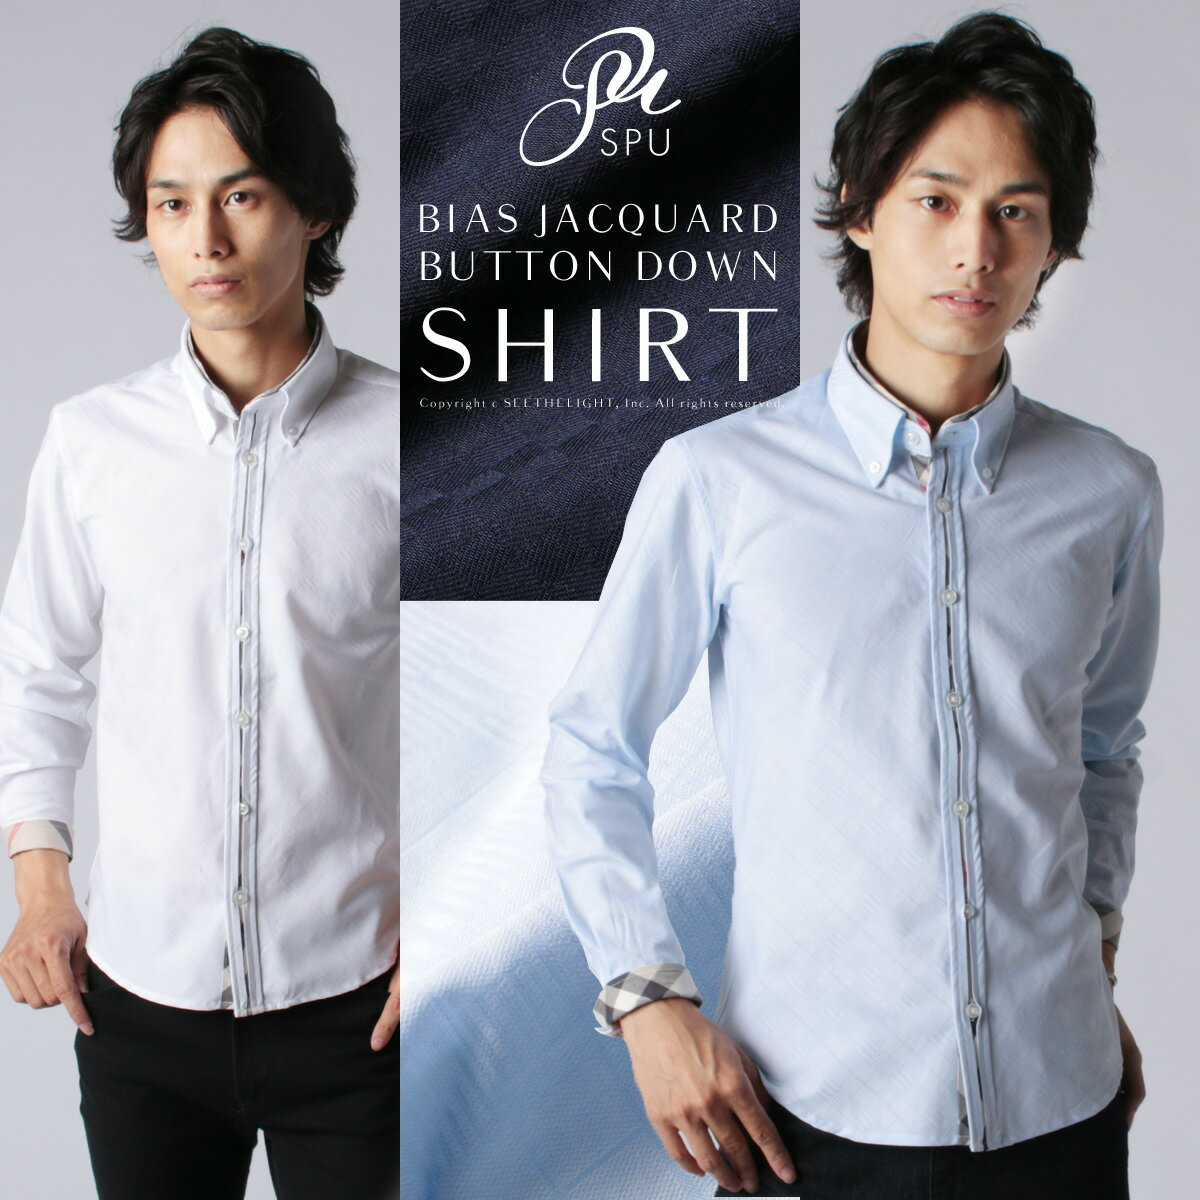 メンズ シャツ メンズファッション バイアス ジャガード チェック ダブル バイカラー ボタンダウン 長袖シャツ Buyer's Select バイヤーズセレクト